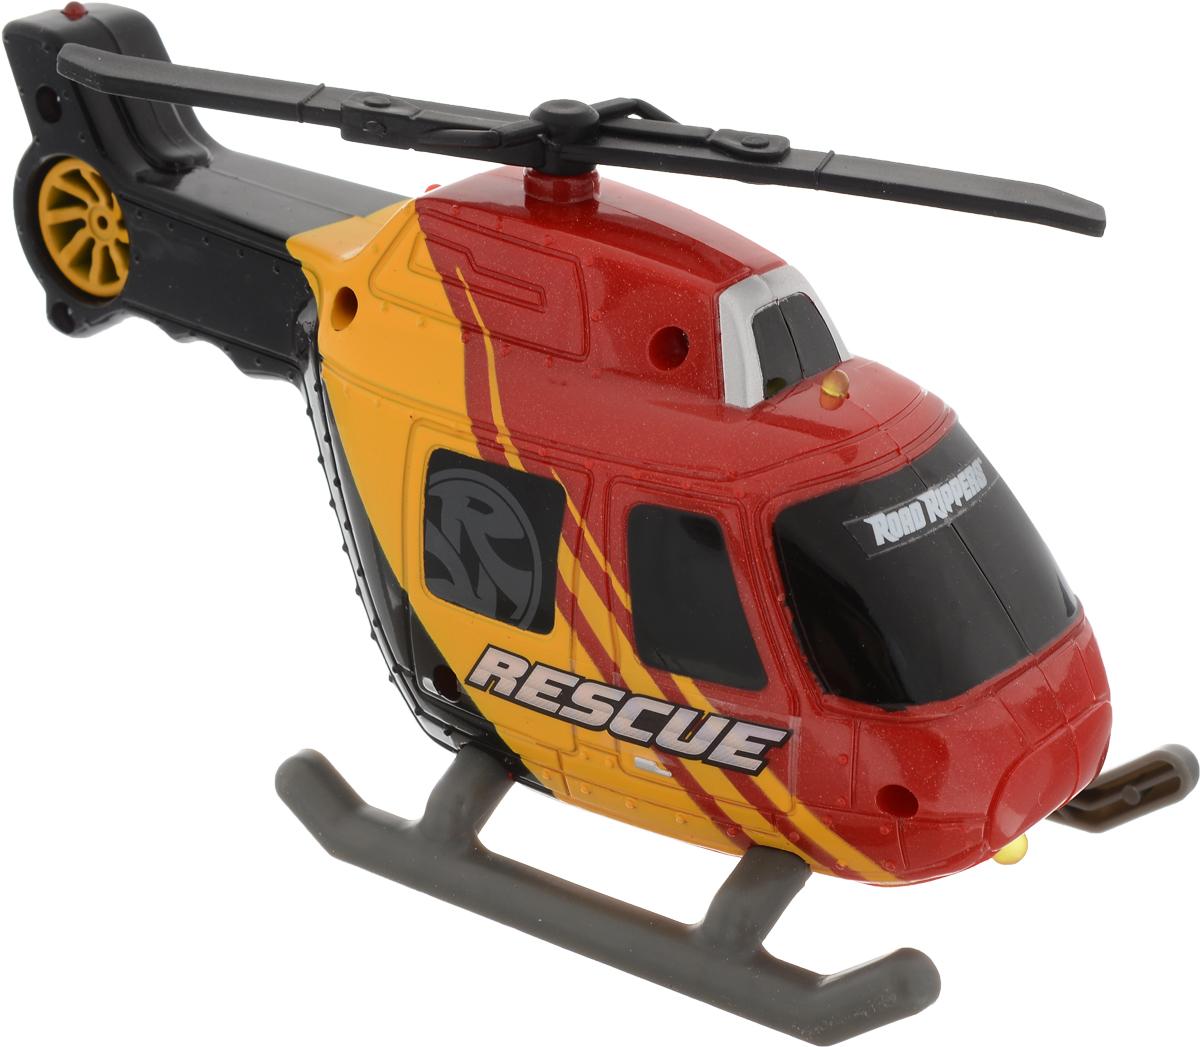 Toystate Вертолет Спецслужба цвет красный желтый черный машинки toystate машинка toystate